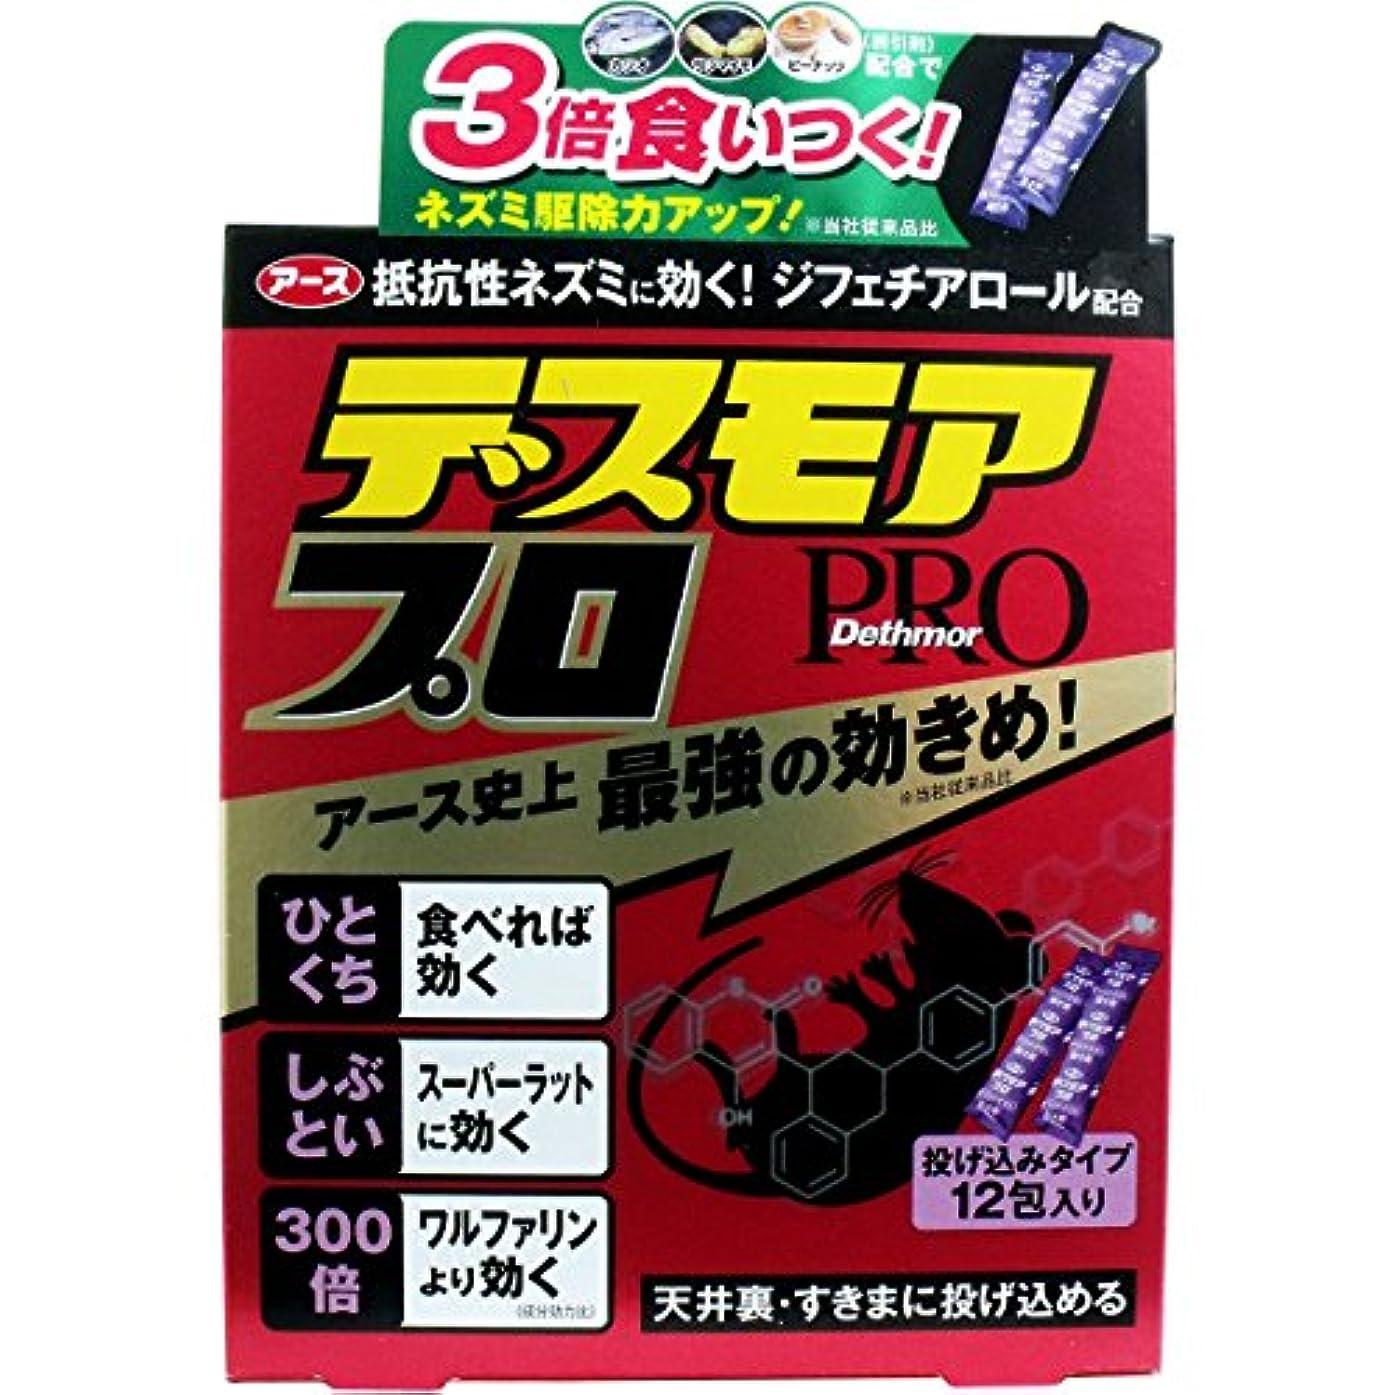 白鳥オールハンディキャップネズミ取り 1度食べれば効く 駆除剤 アース デスモアプロ 投げ込みタイプ 12包入【4個セット】